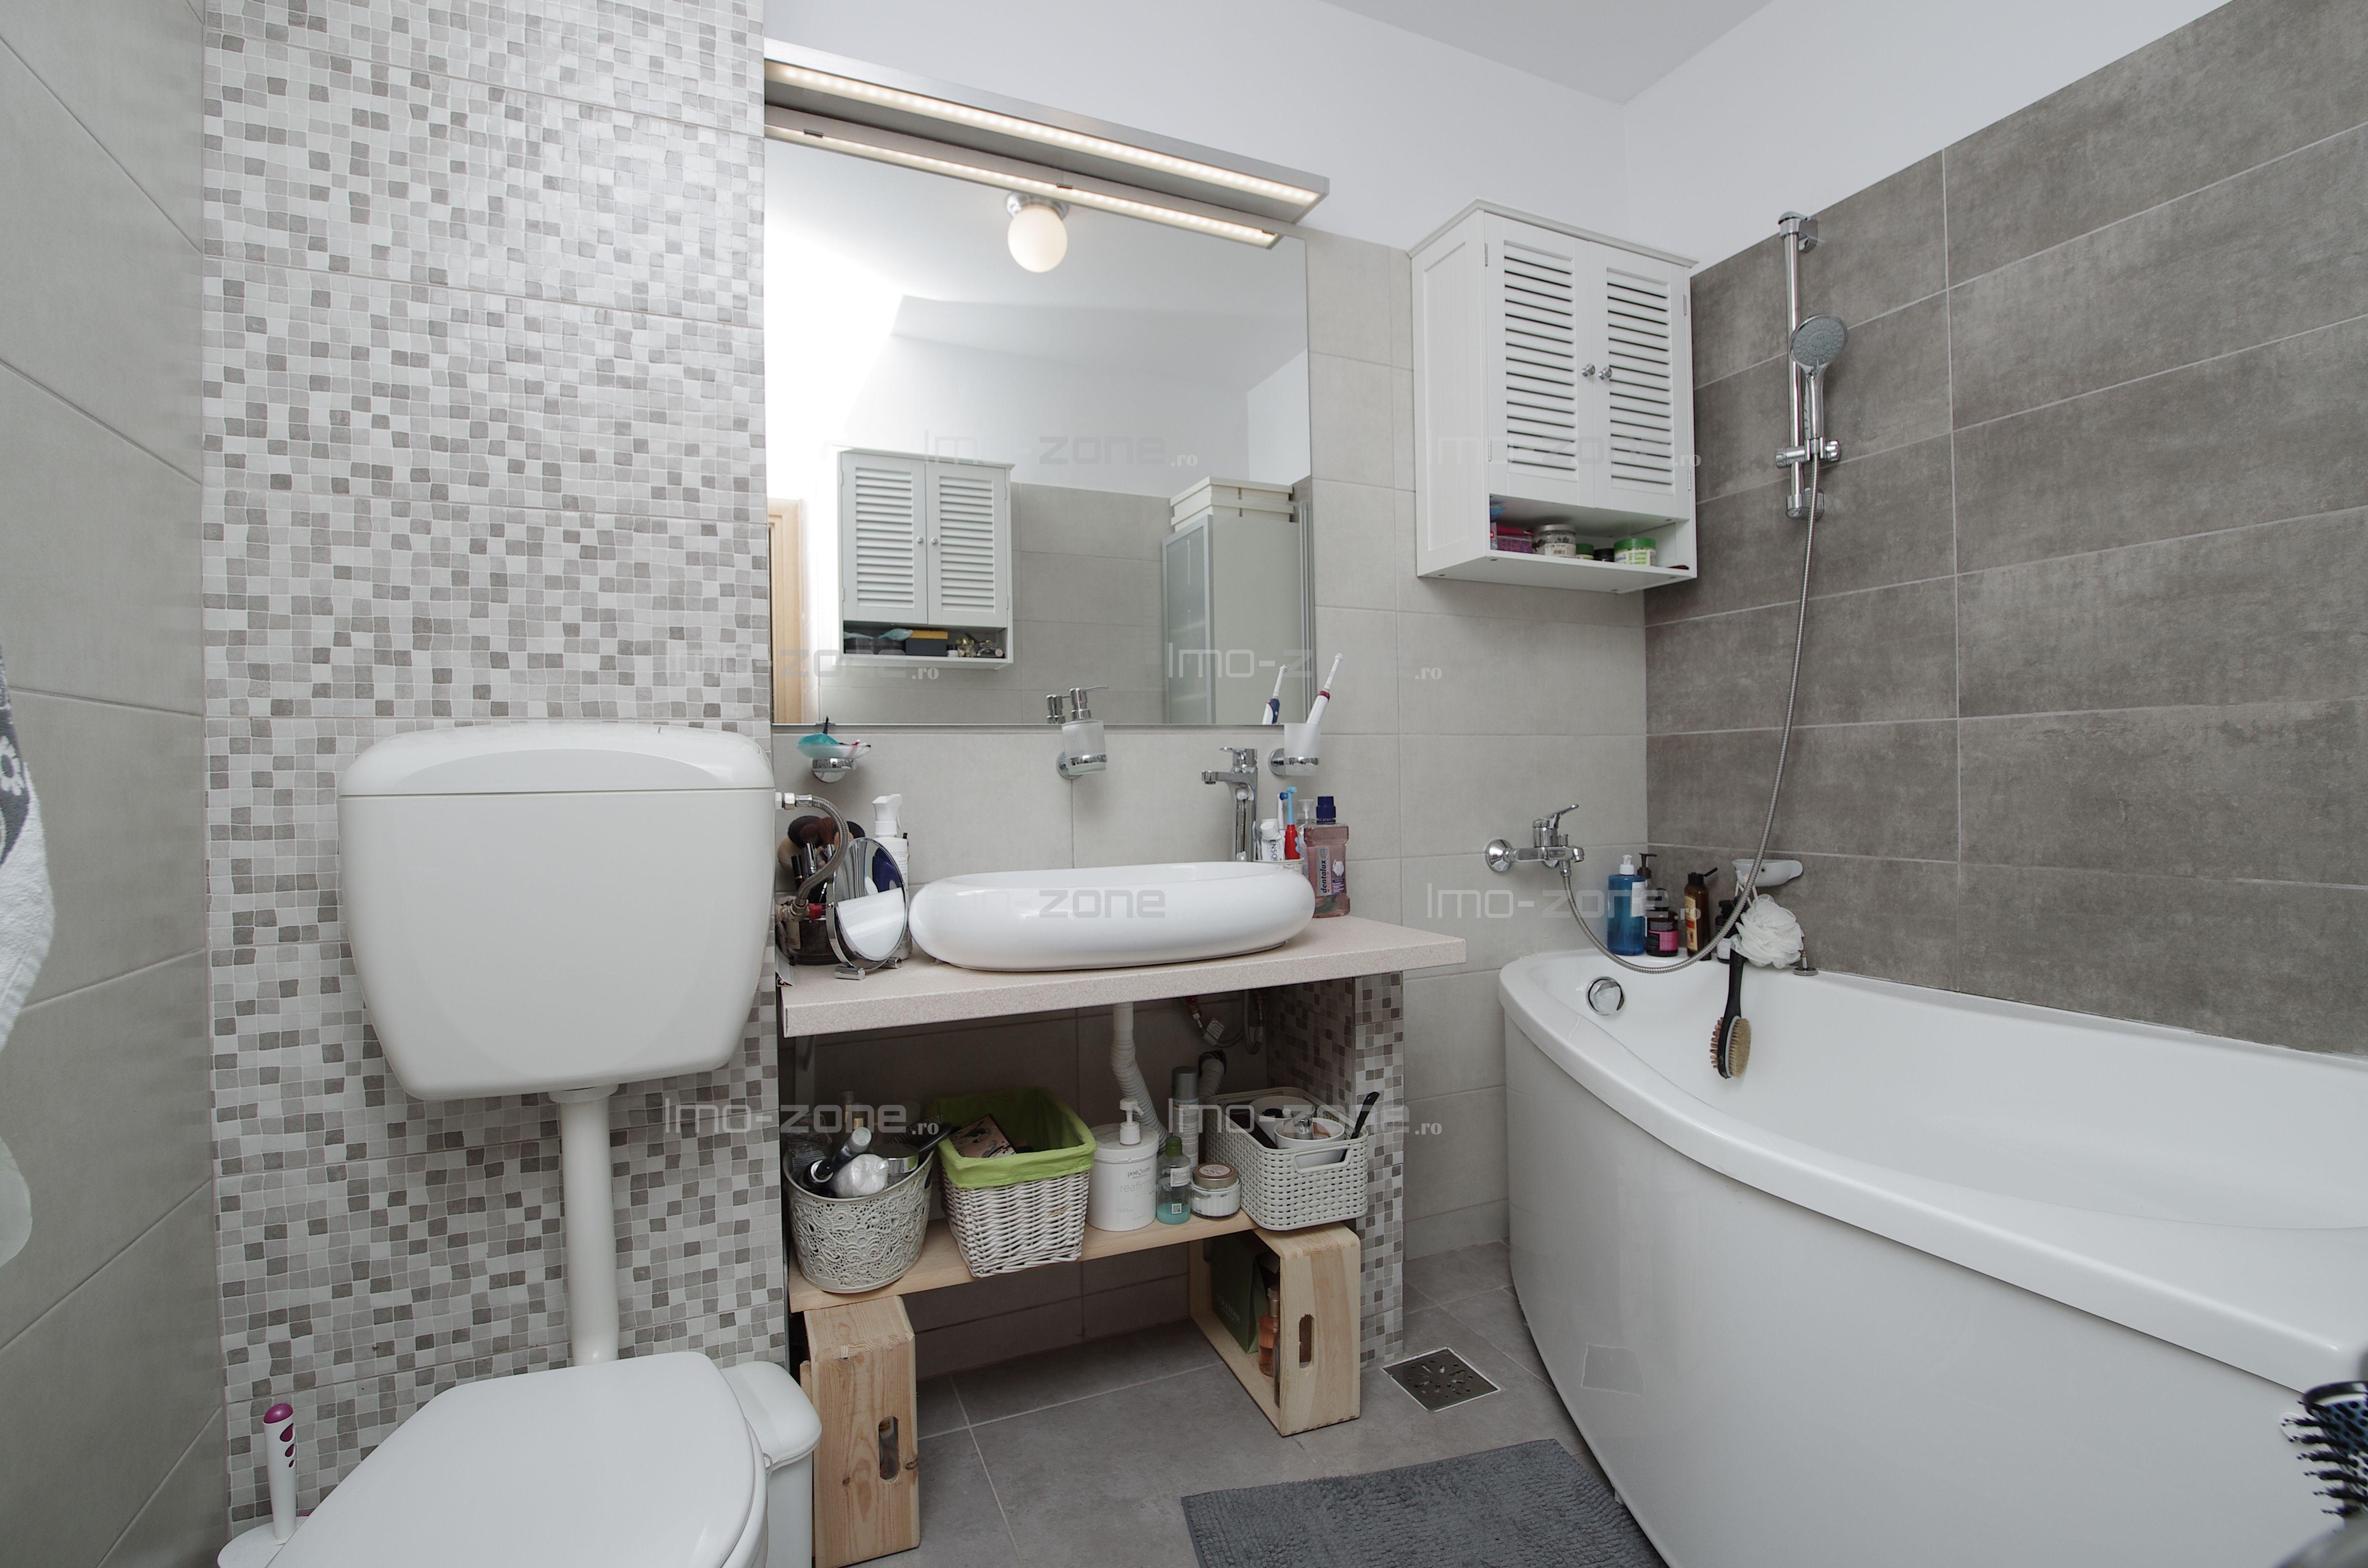 Apartament 3 camere + garaj, 93 mp, Drumul Taberei - LIDL Primavara